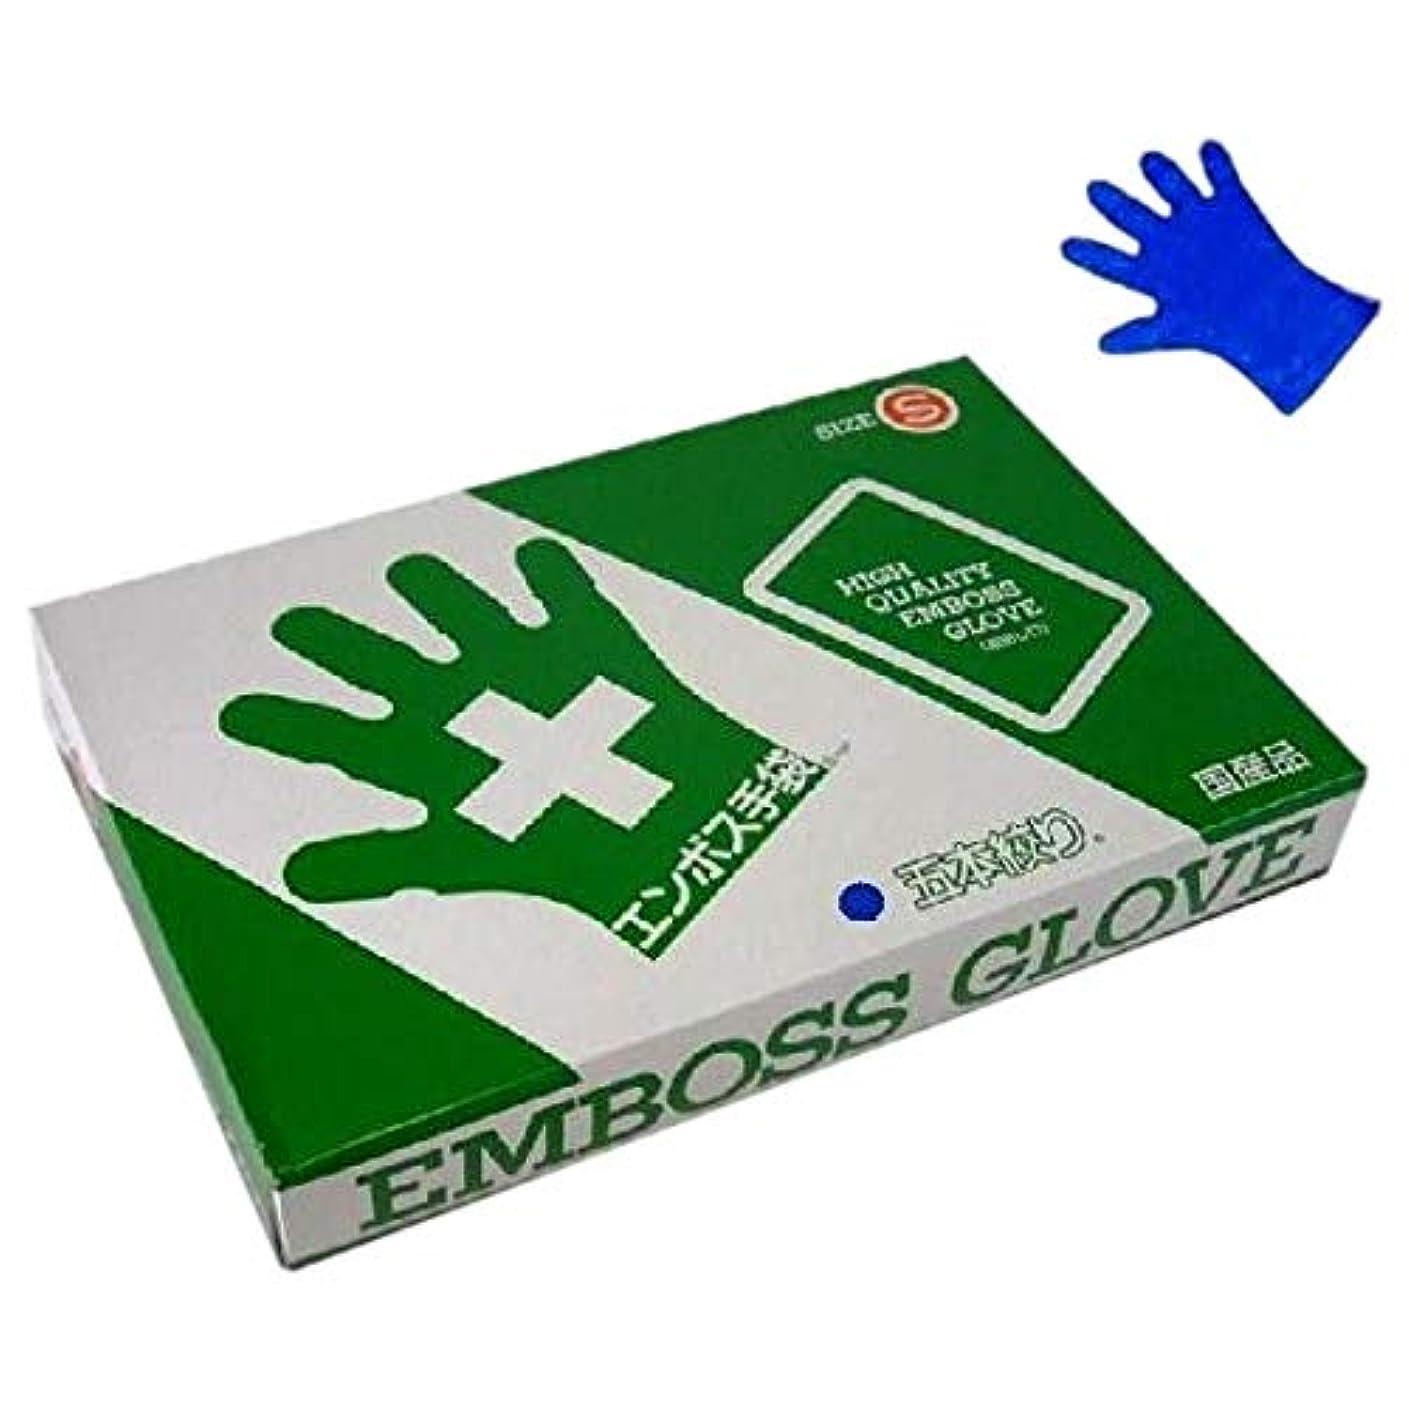 縫い目ペレット協定エンボス手袋 5本絞り ブルータイプ 化粧箱入 東京パック S 200枚入×20箱